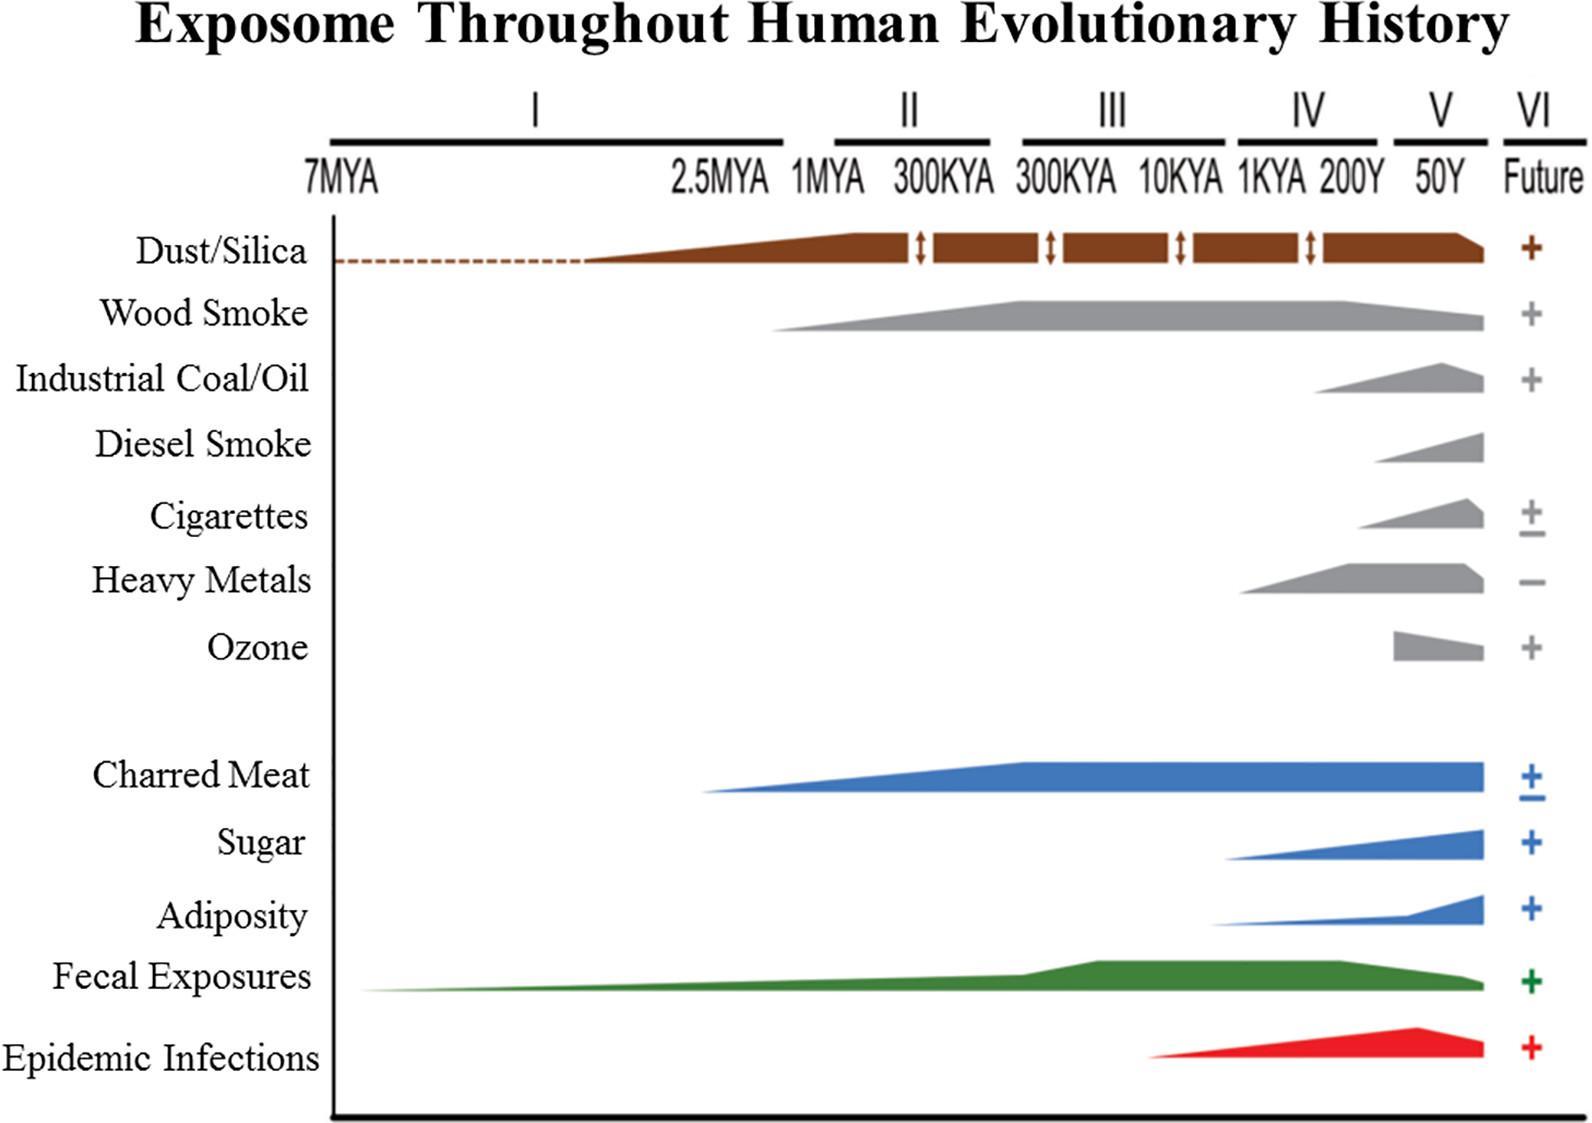 Гены устойчивости к сигаретным токсинам и канцерогенам оказались очень древними